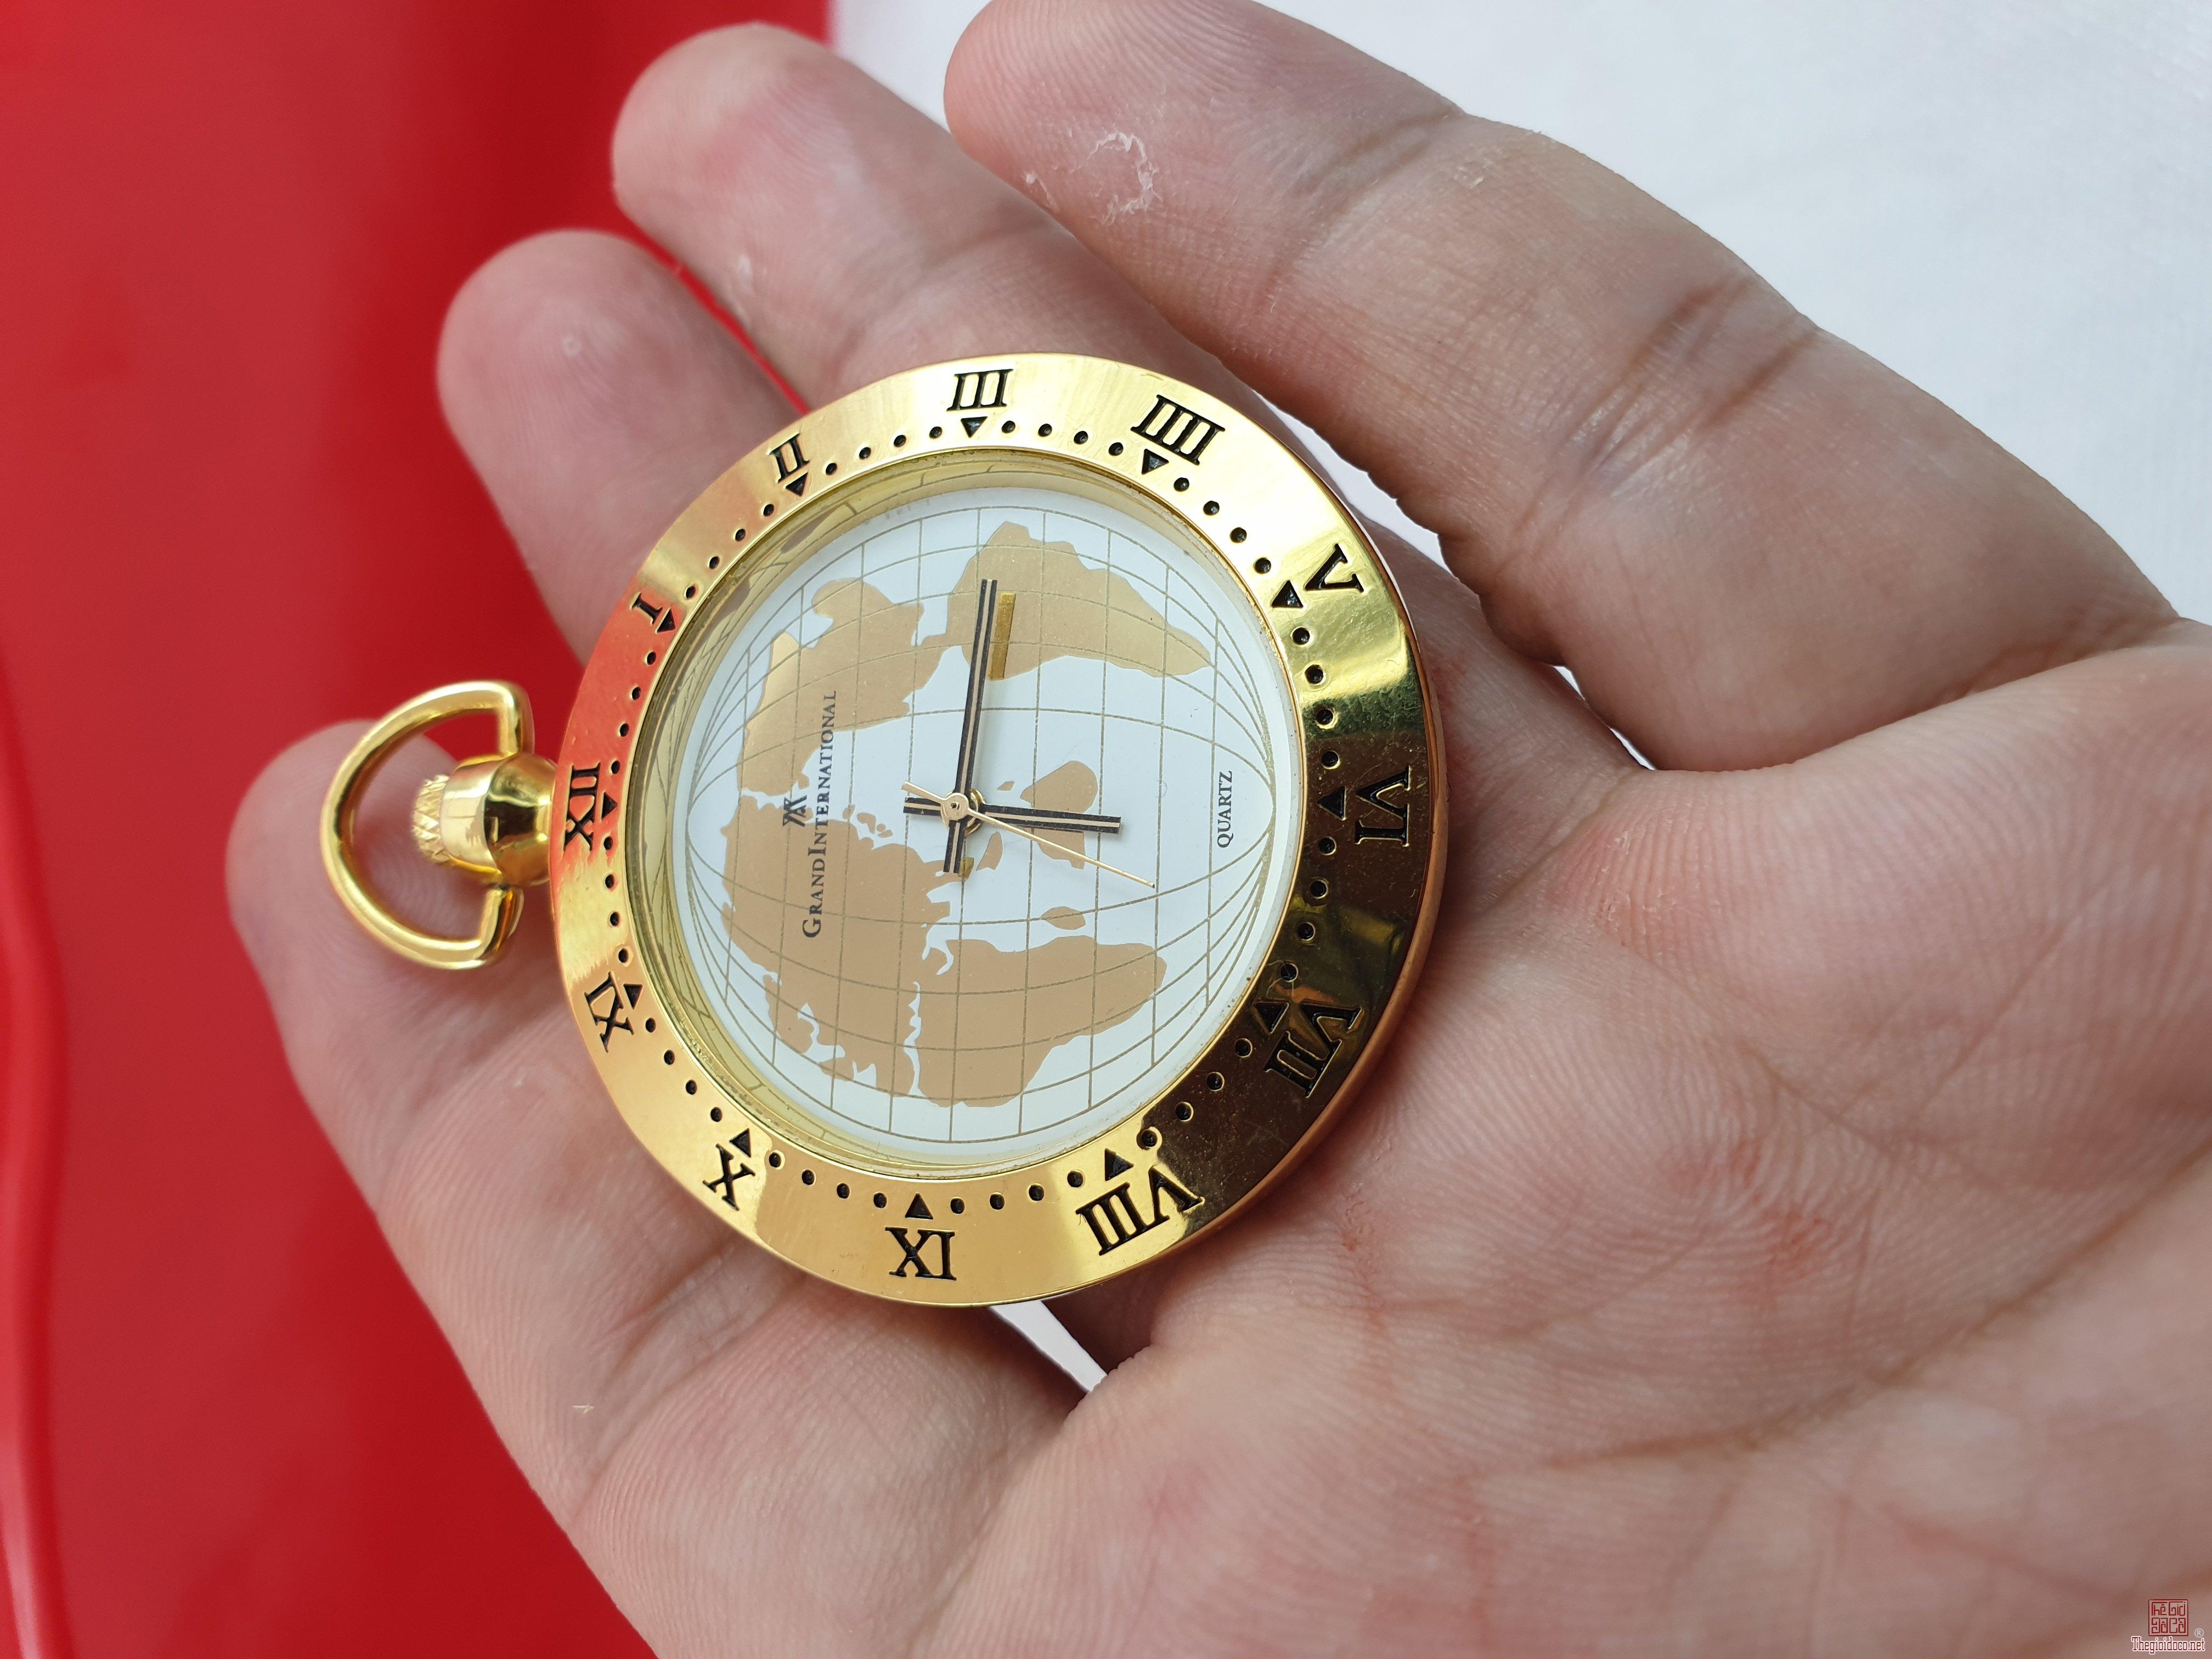 Đồng hồ quả quýt lacke vàng đẹp hoàn hảo